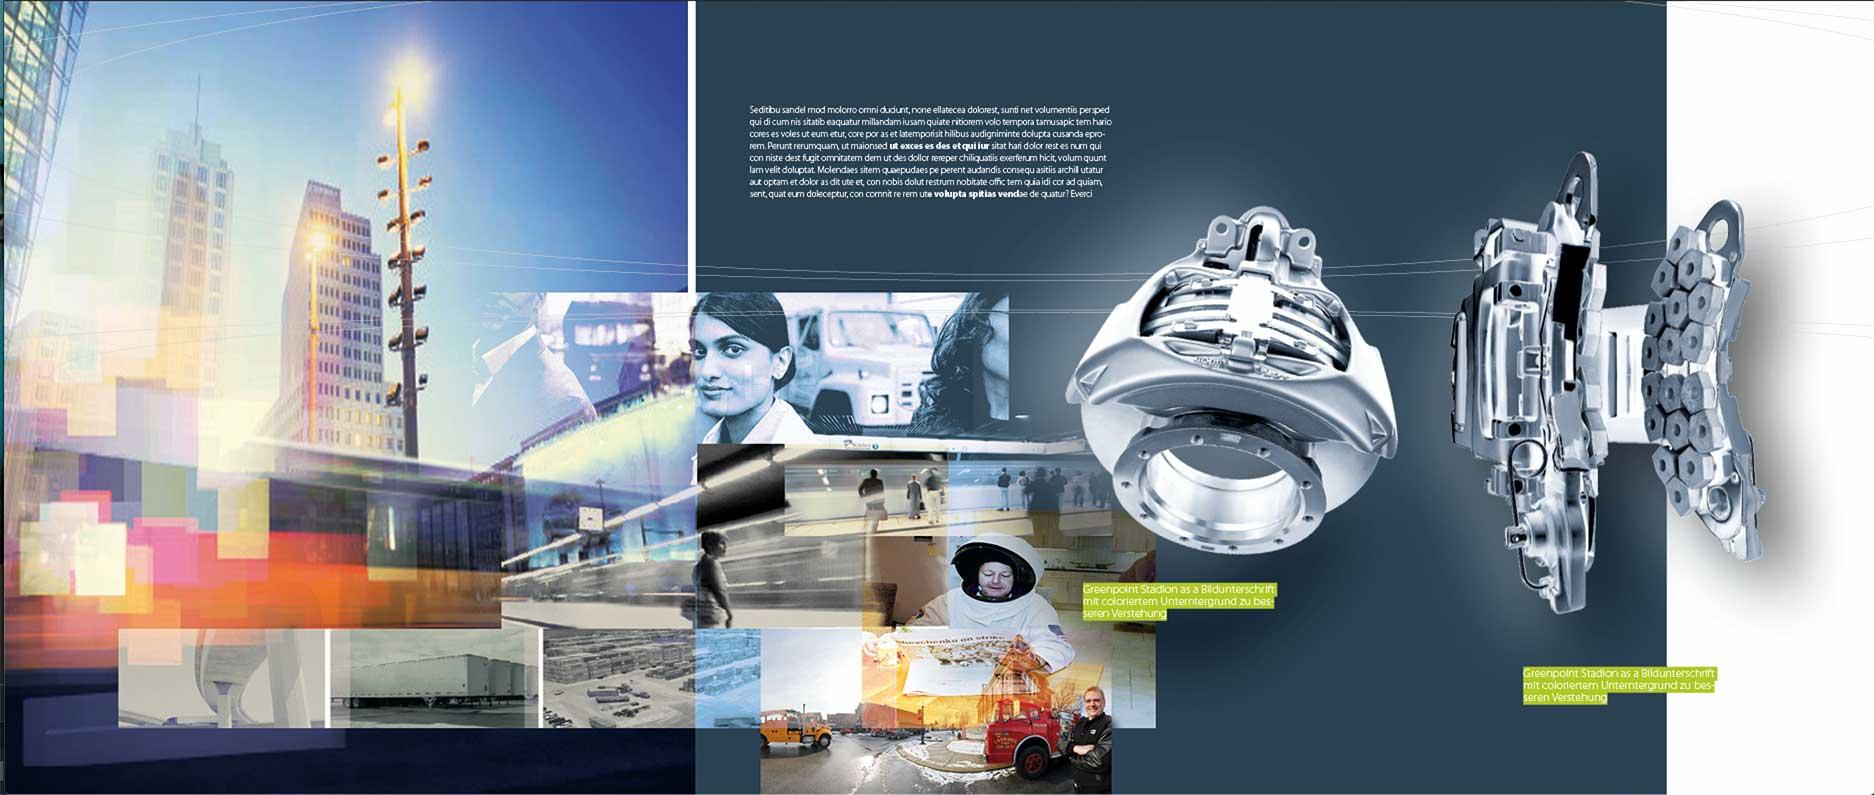 Knorr-Bremse, Systeme für Schienen- und Nutzfahrzeuge